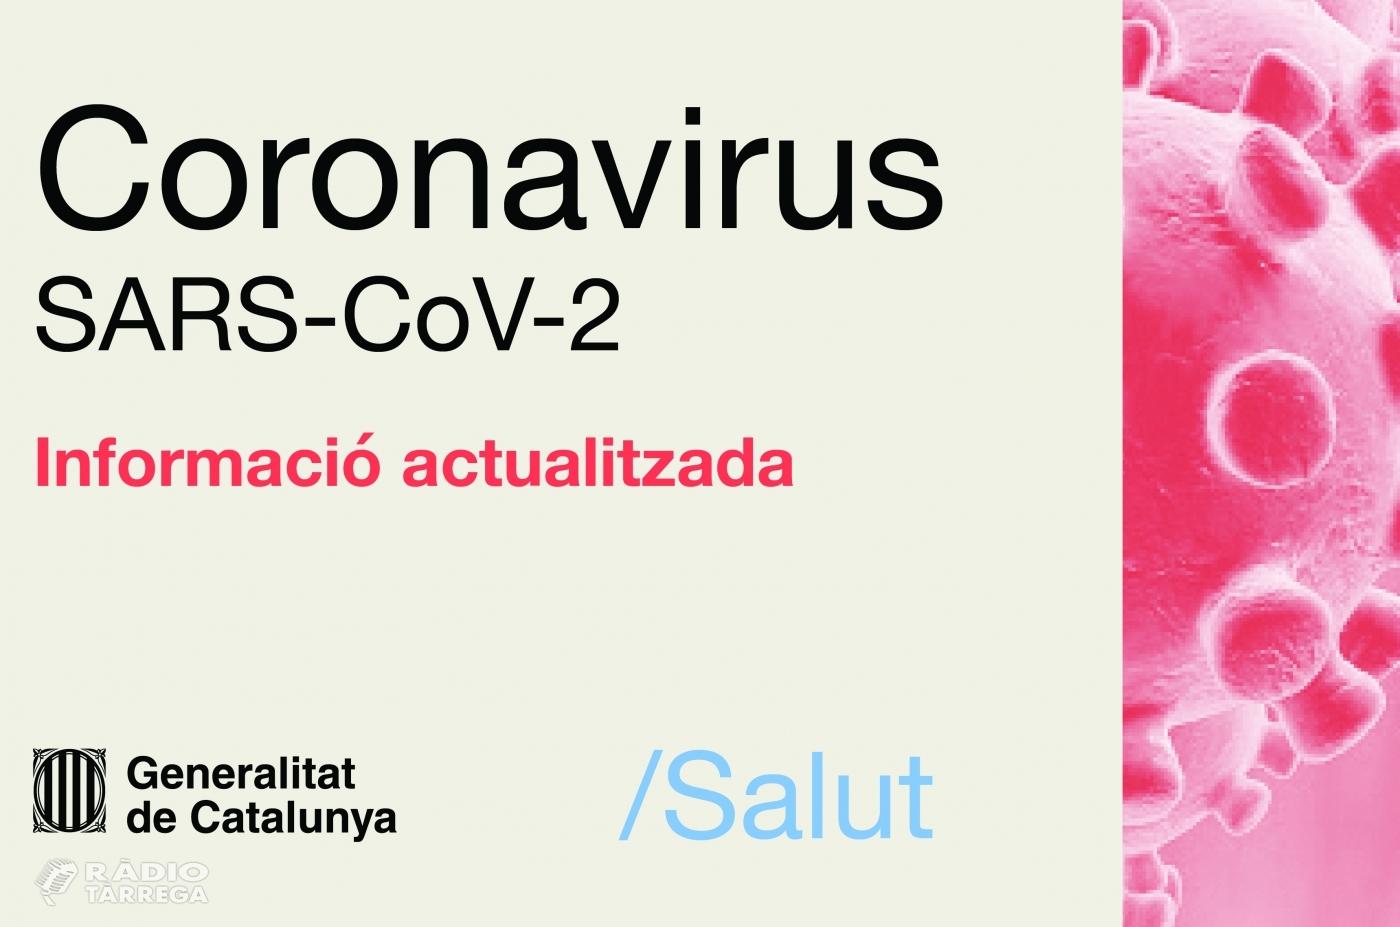 Salut confirma que en les últimes hores han mort 7 persones amb coronavirus a la Regió Sanitària (RS) Lleida i que no hi ha hagut cap víctima a la RS Alt Pirineu i Aran